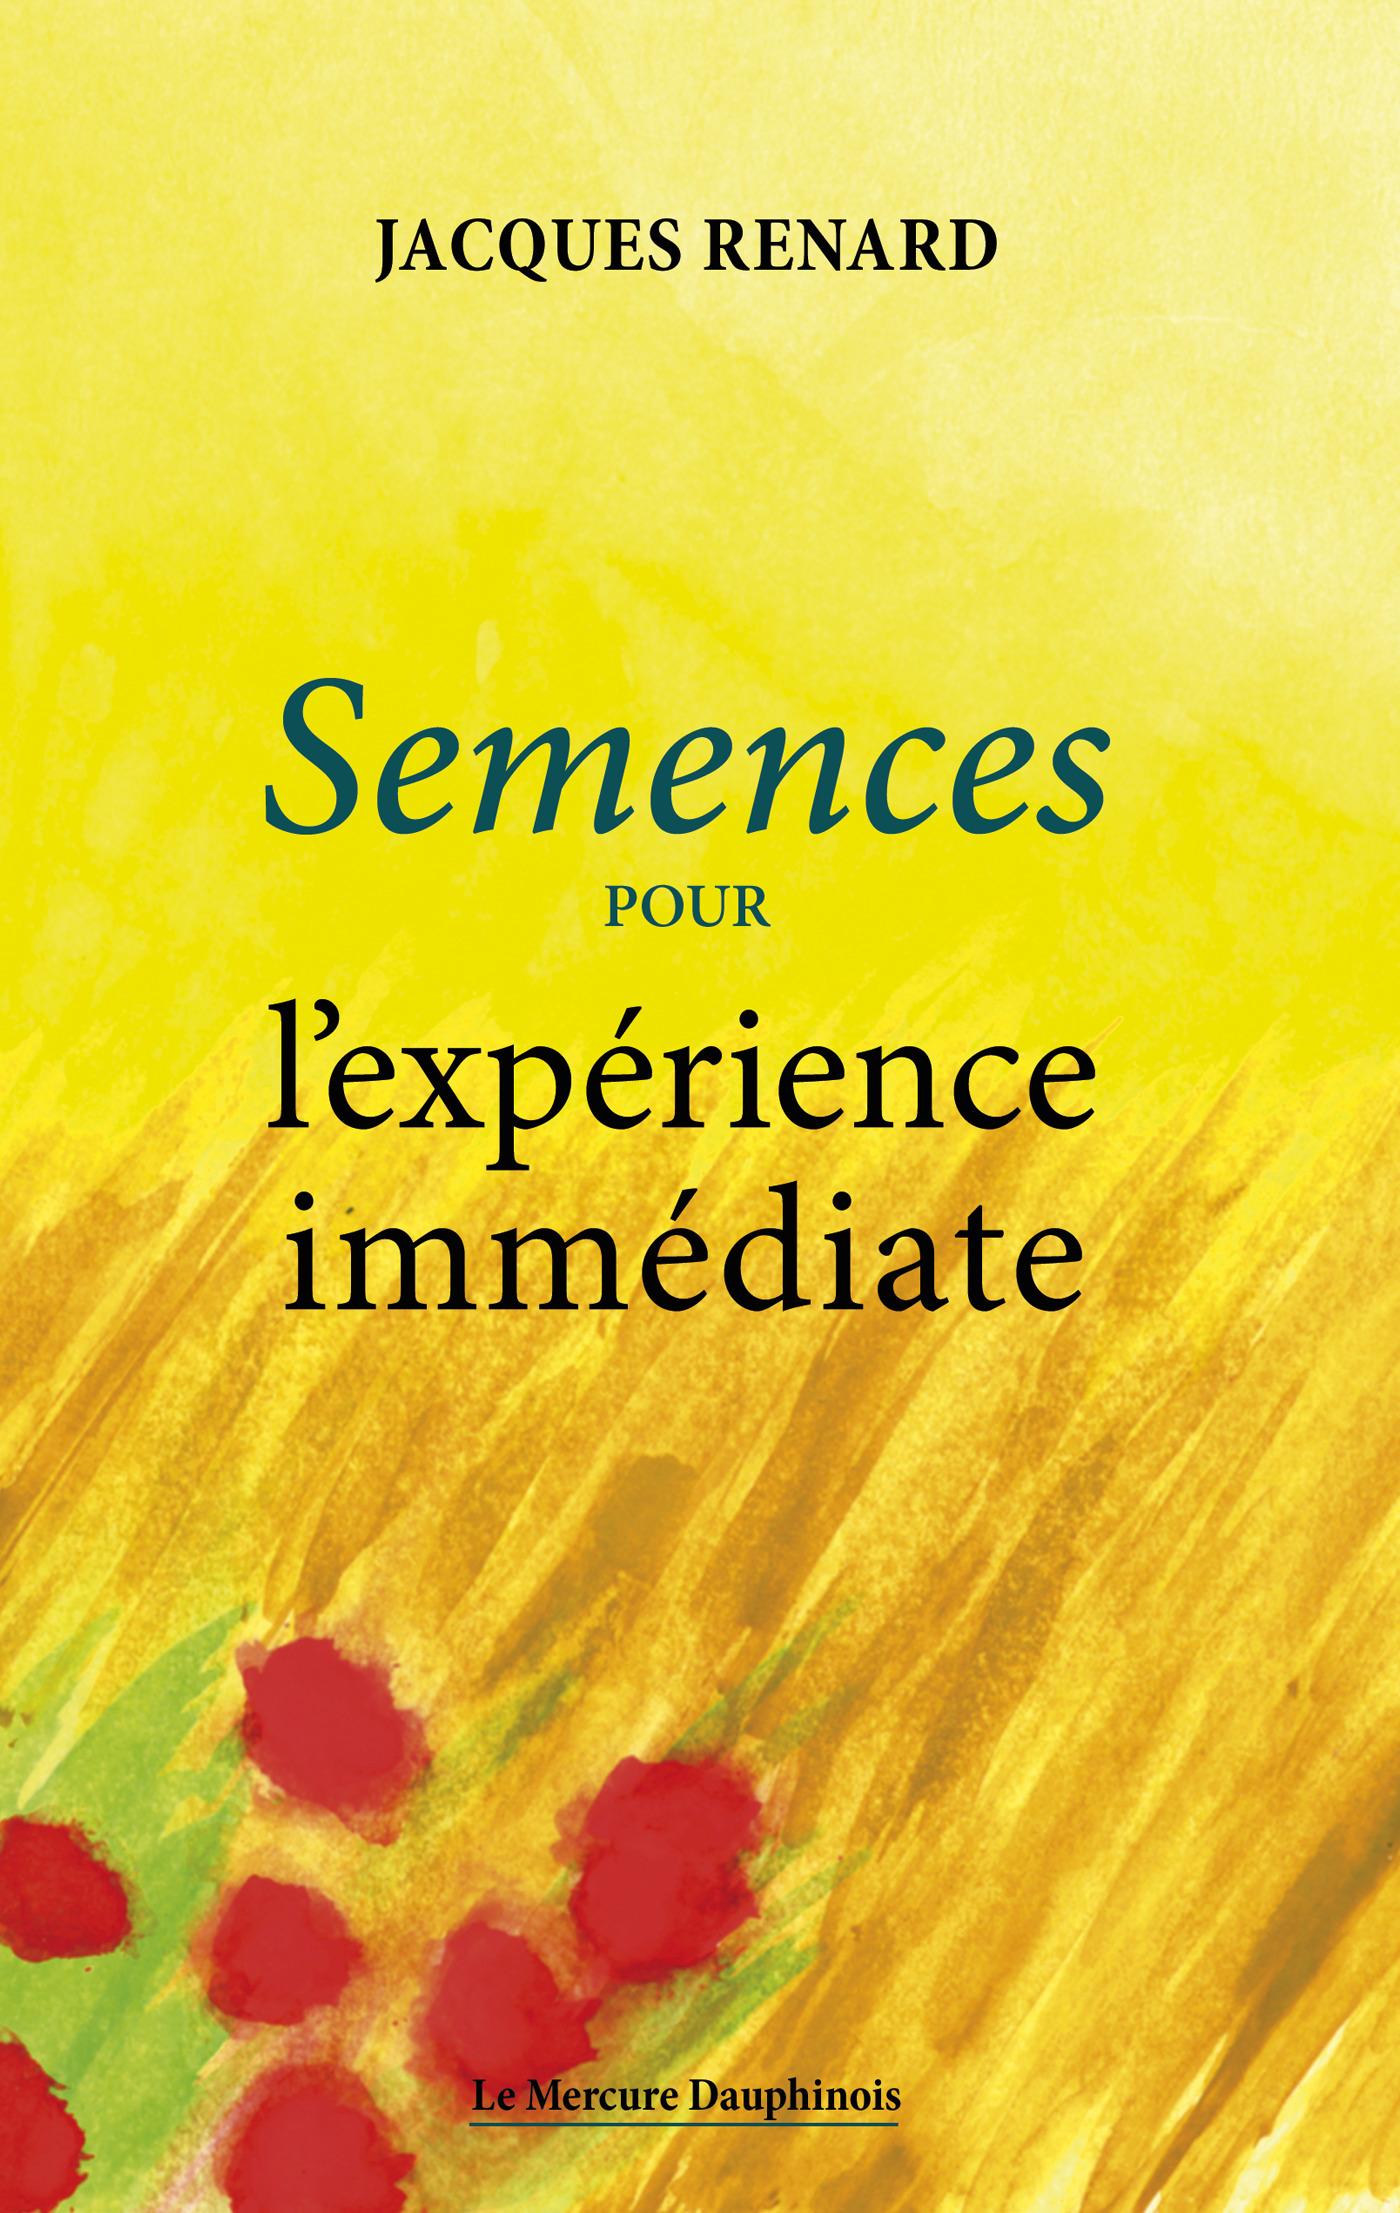 Semences pour l'experience immediate  - Jacques Renard